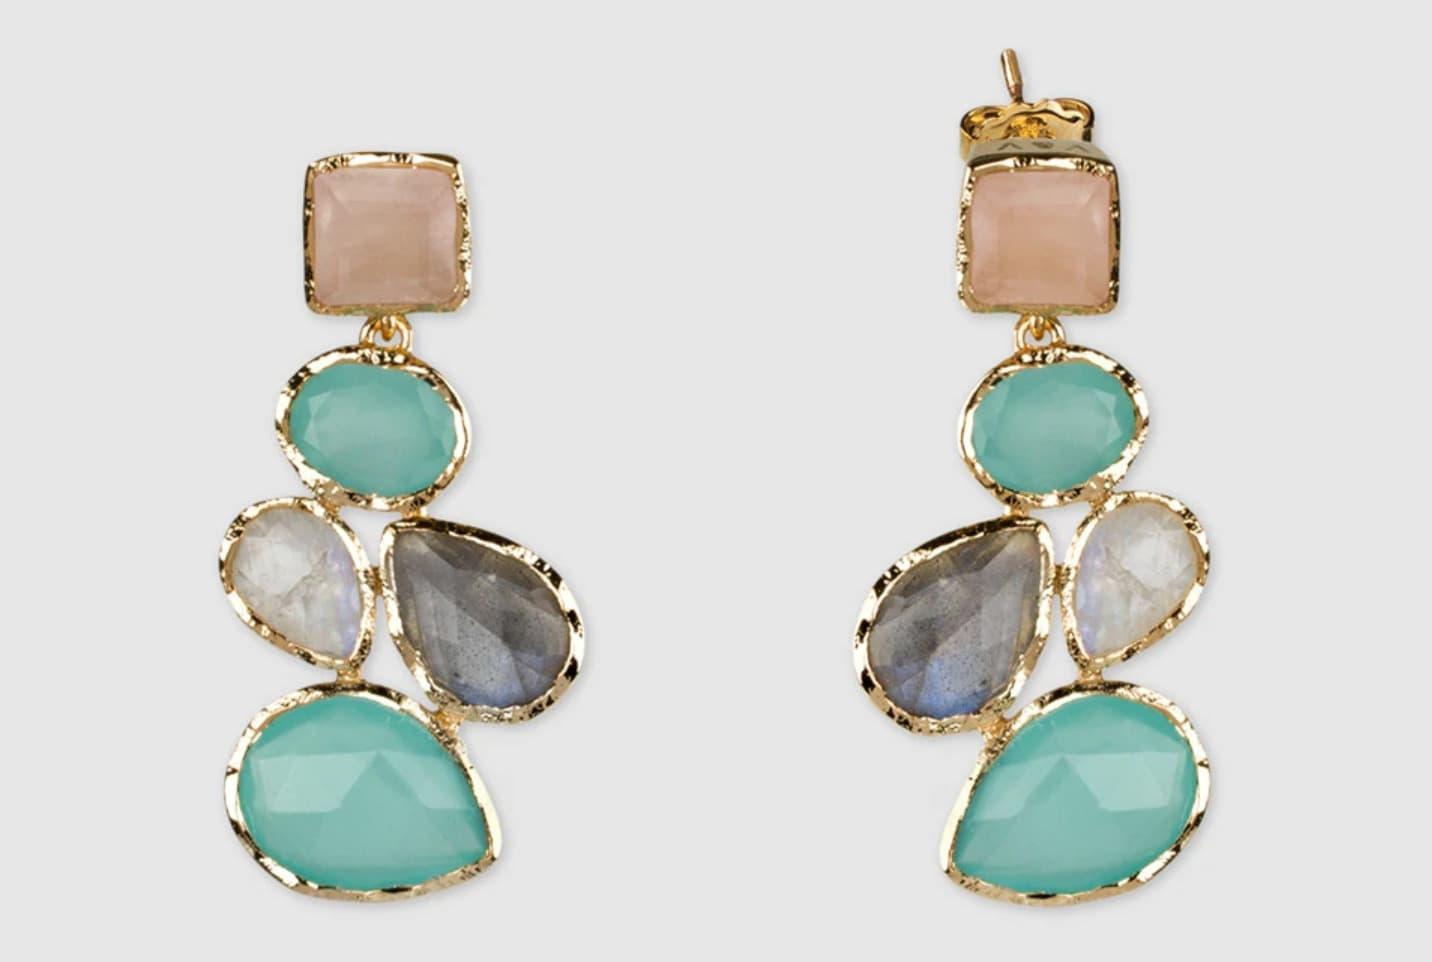 Pendientes Vidal & Vidal Ready To Wear dorados con piedras multicolor